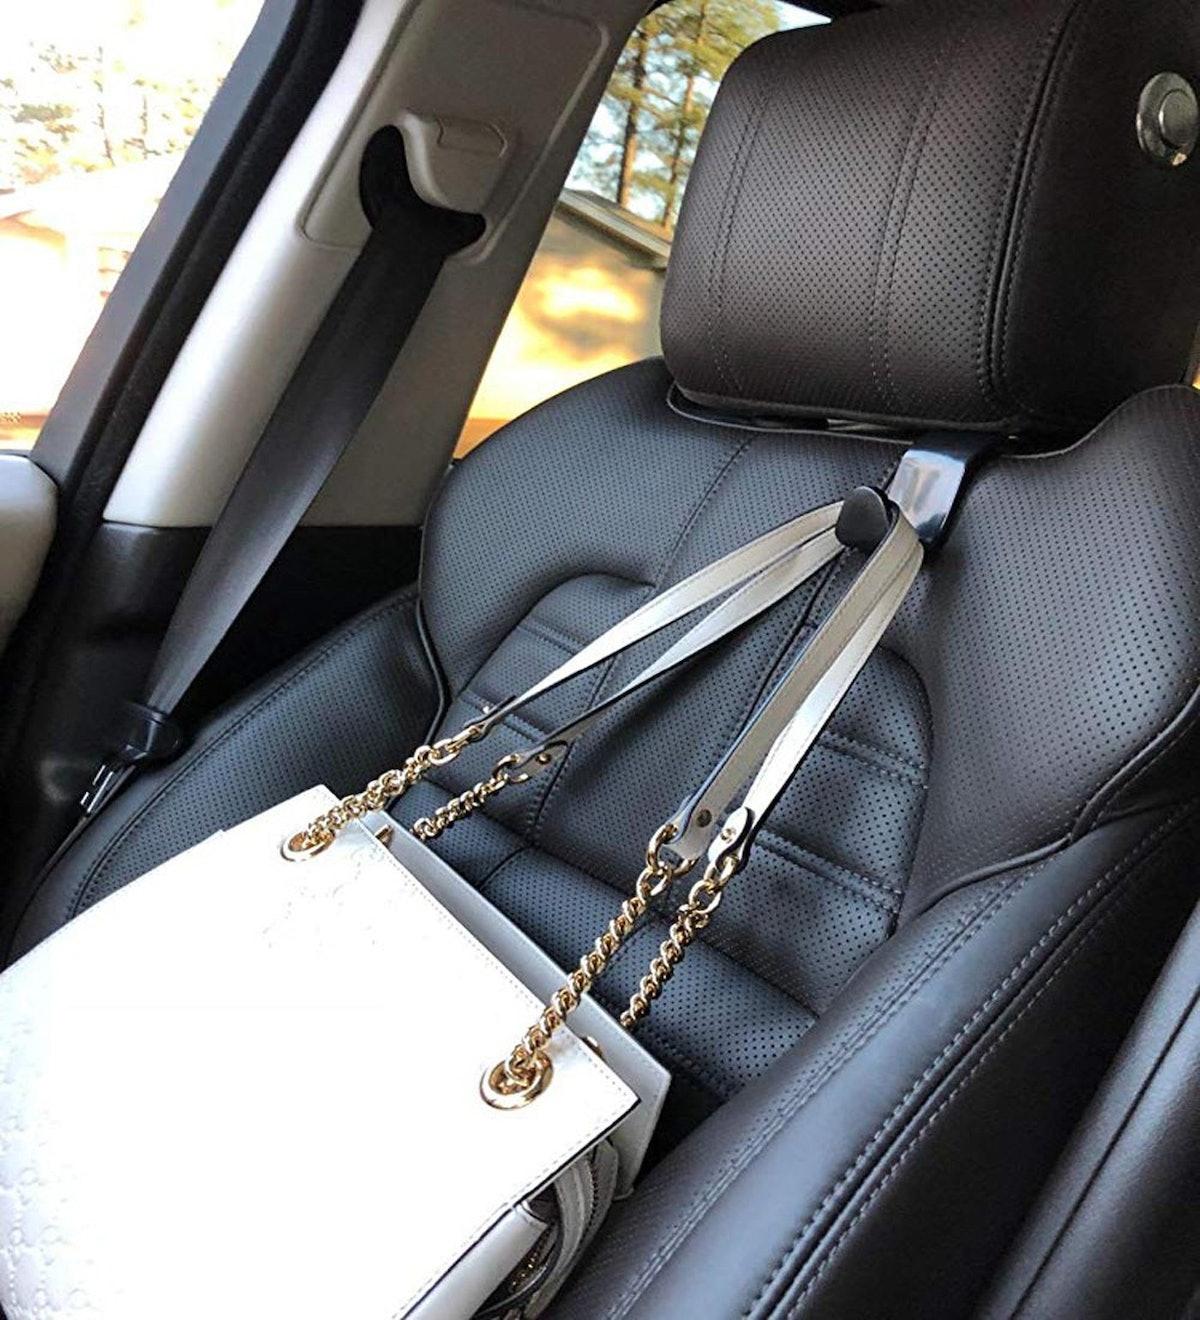 Ofspower Car Headrest Hooks (4-Pack)